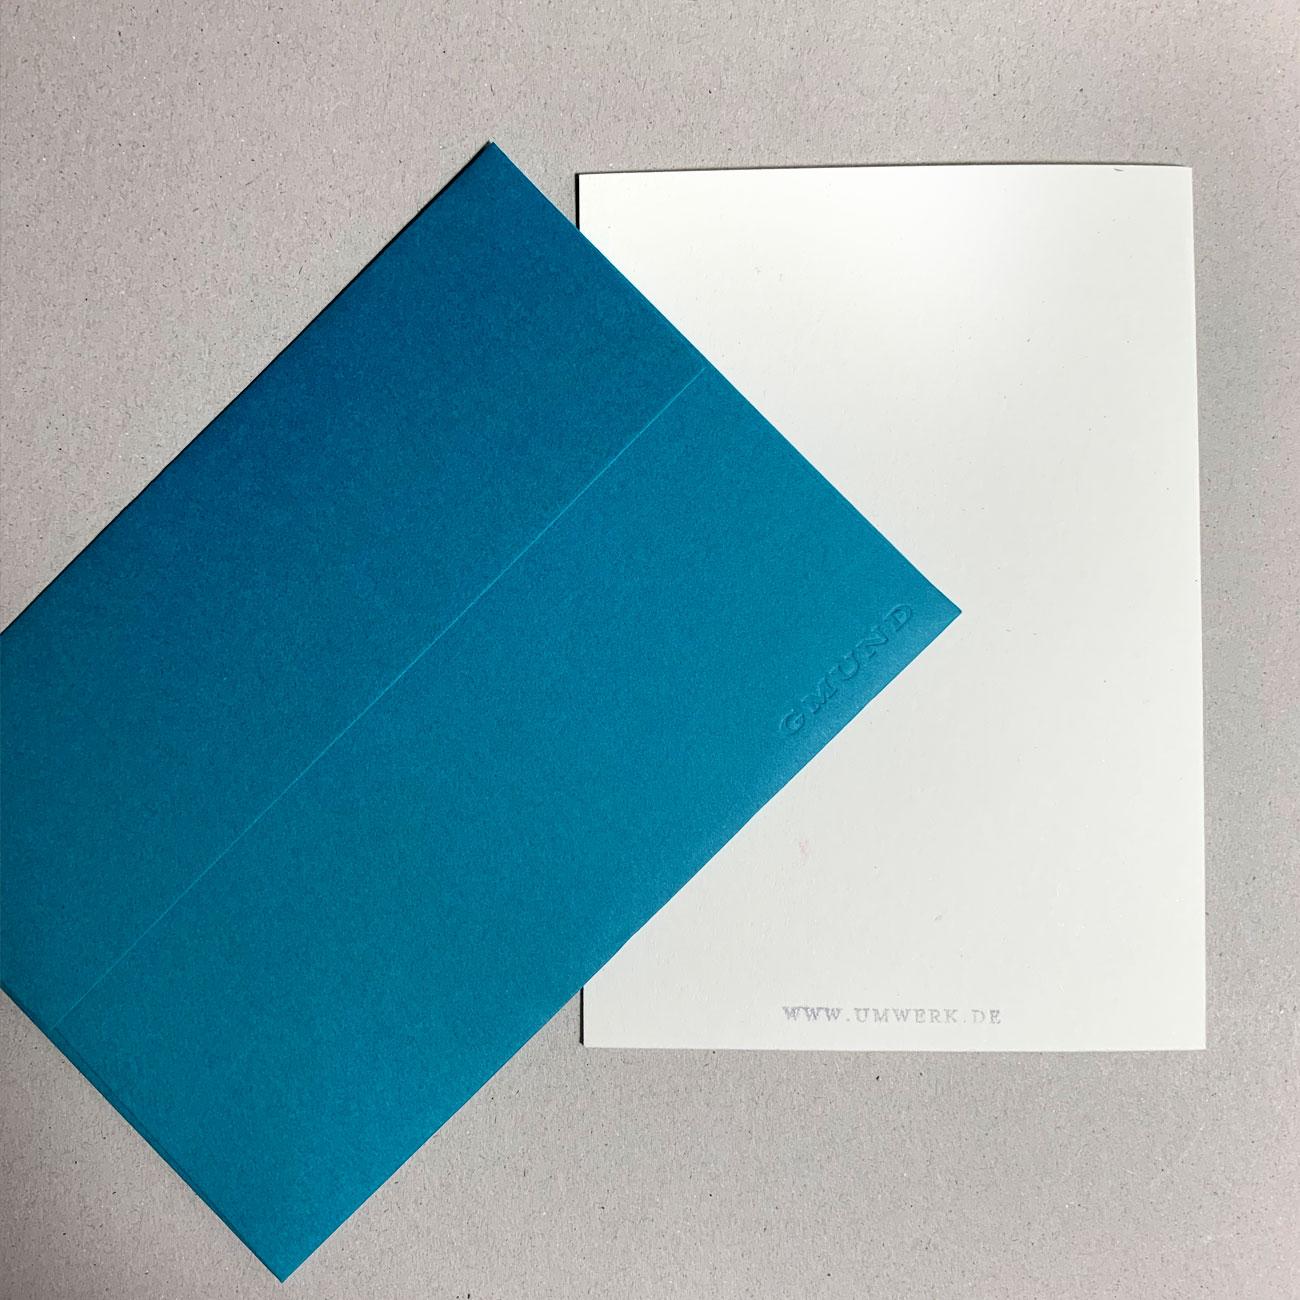 Klappkarte grafischer Baum, Rückseite, blaues Kuvert,